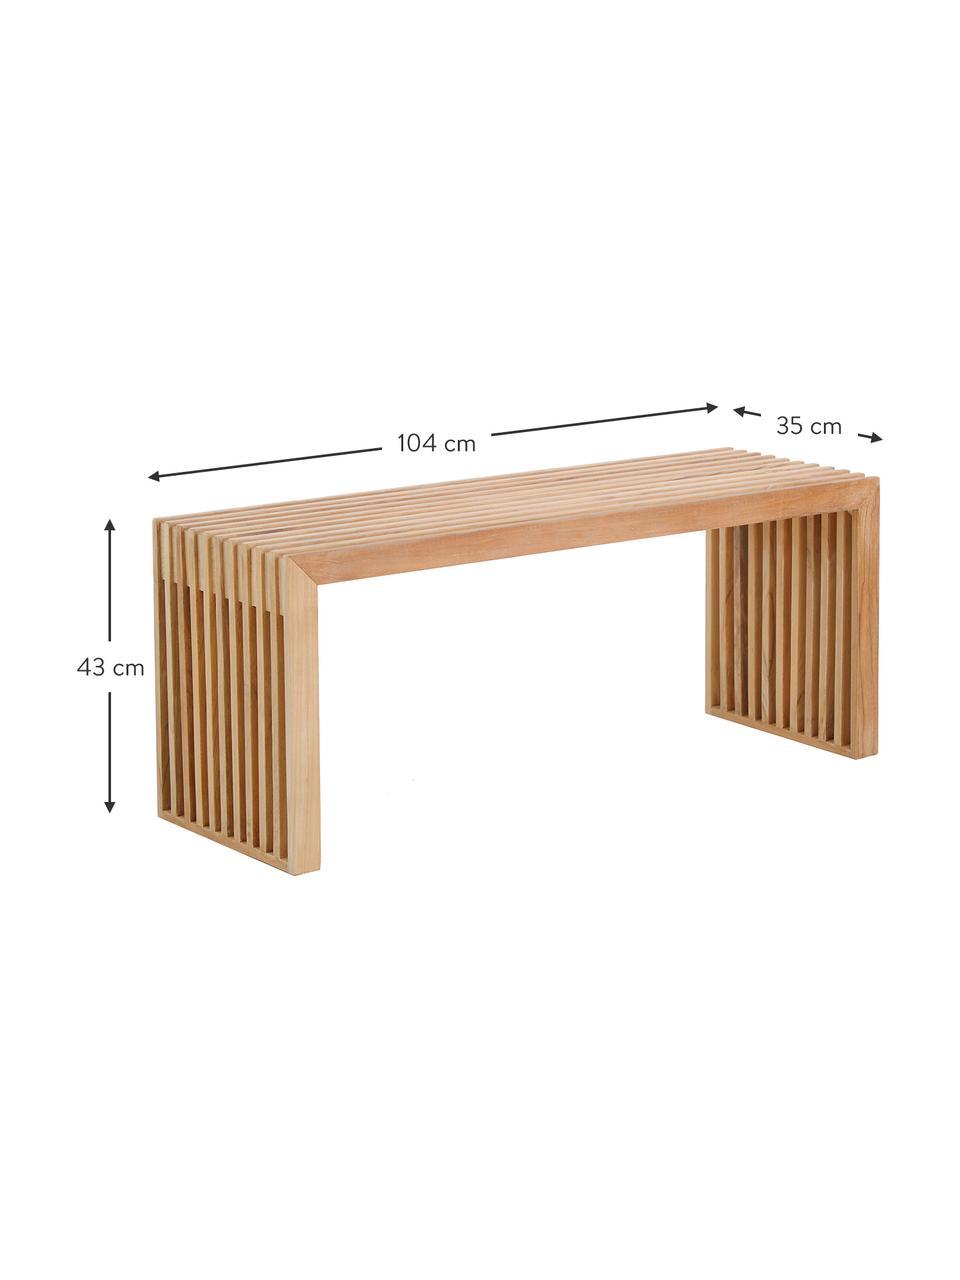 Banc en bois de teck massif Rib, Teck